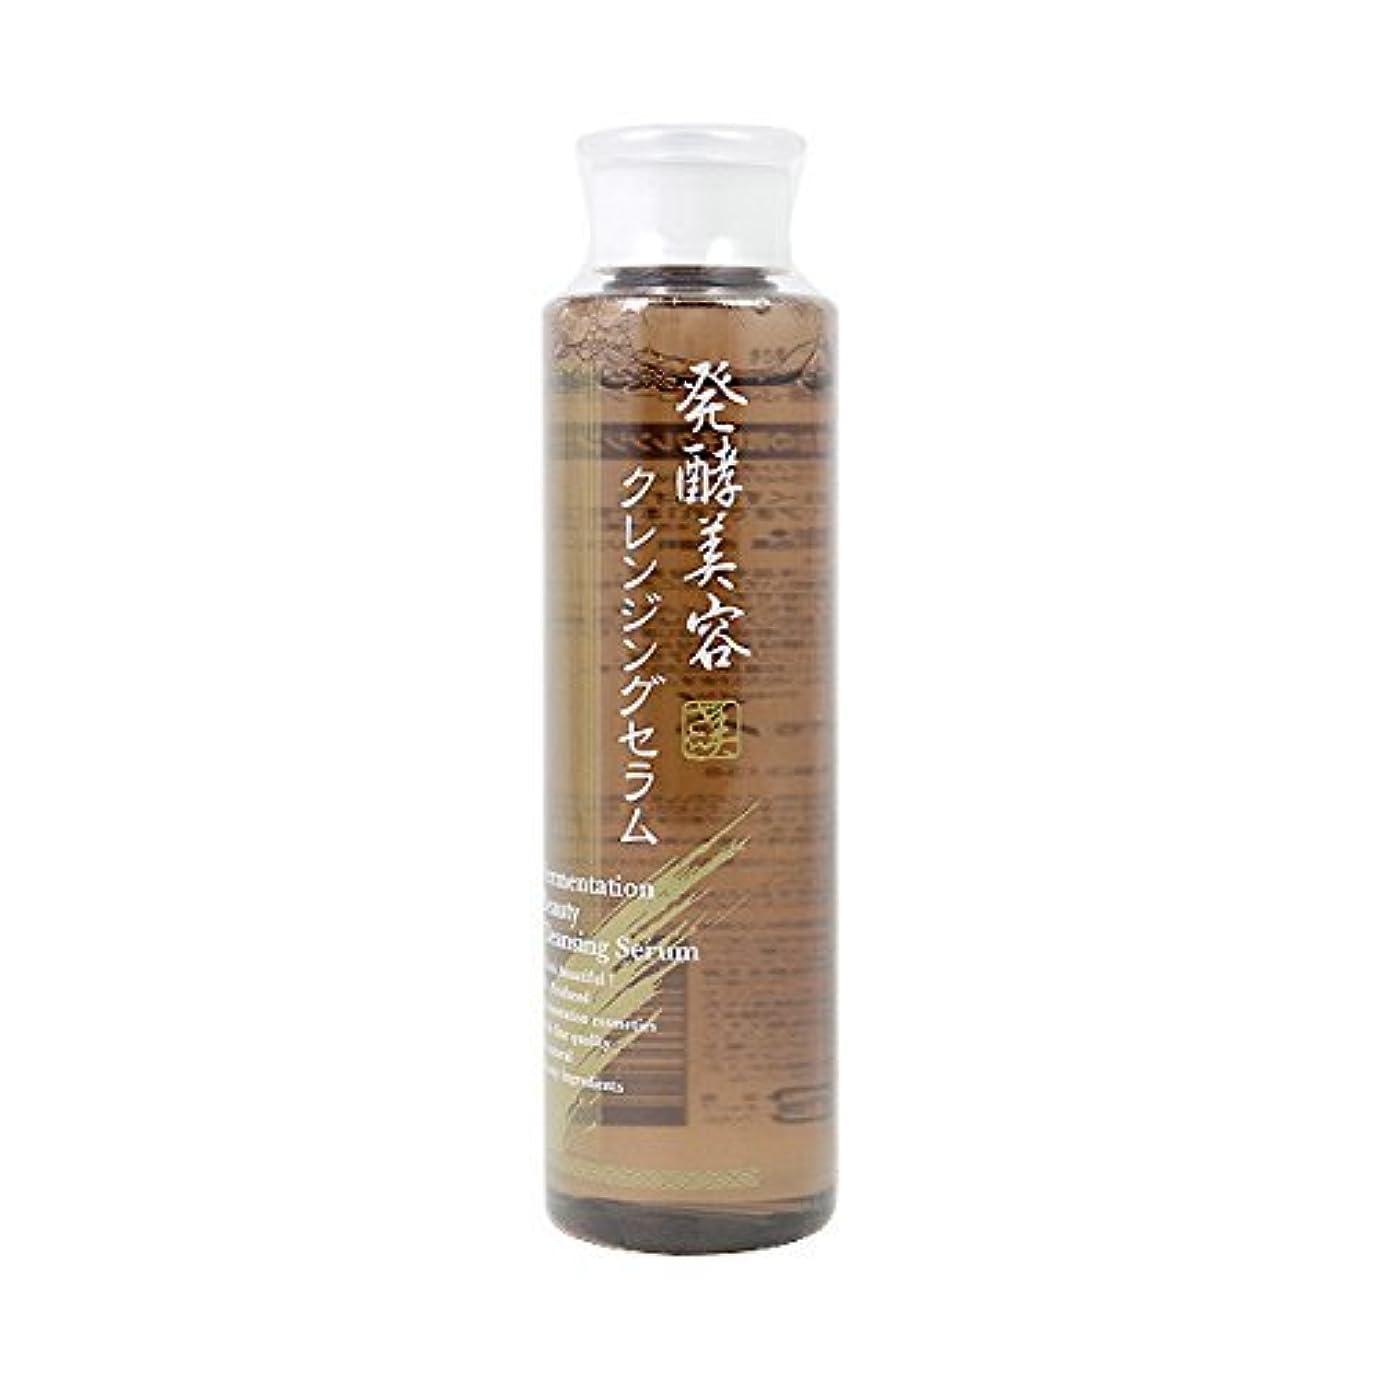 バッフルロマンスお茶シーヴァ 発酵美容 クレンジングセラム 200ml